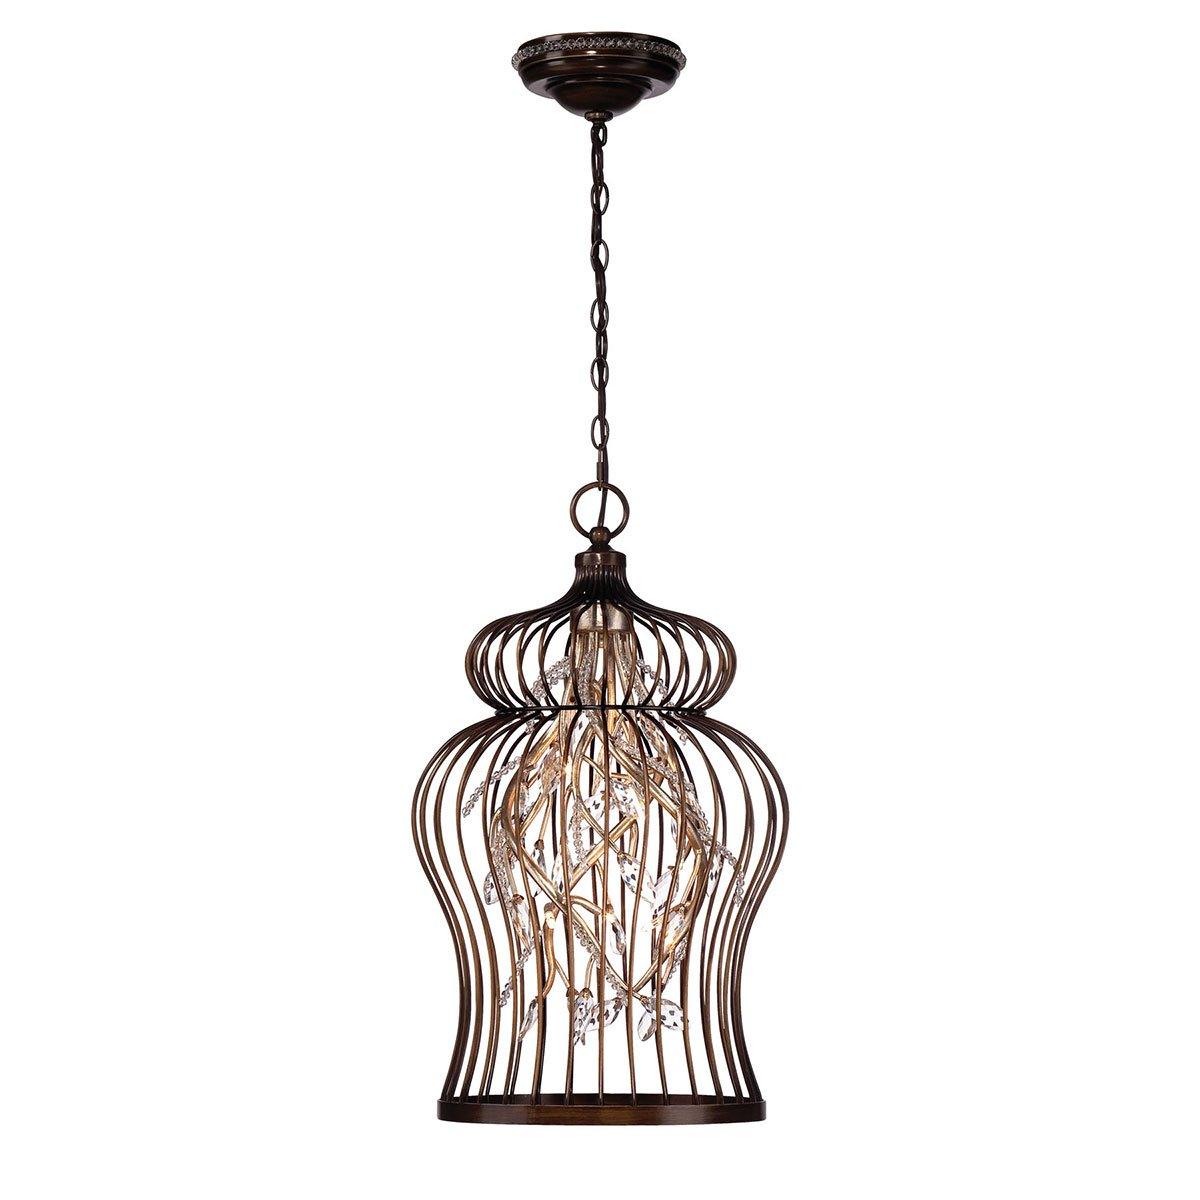 Amazon.com: eurofase iluminación 26368 Fanta 10 Luz Caged ...